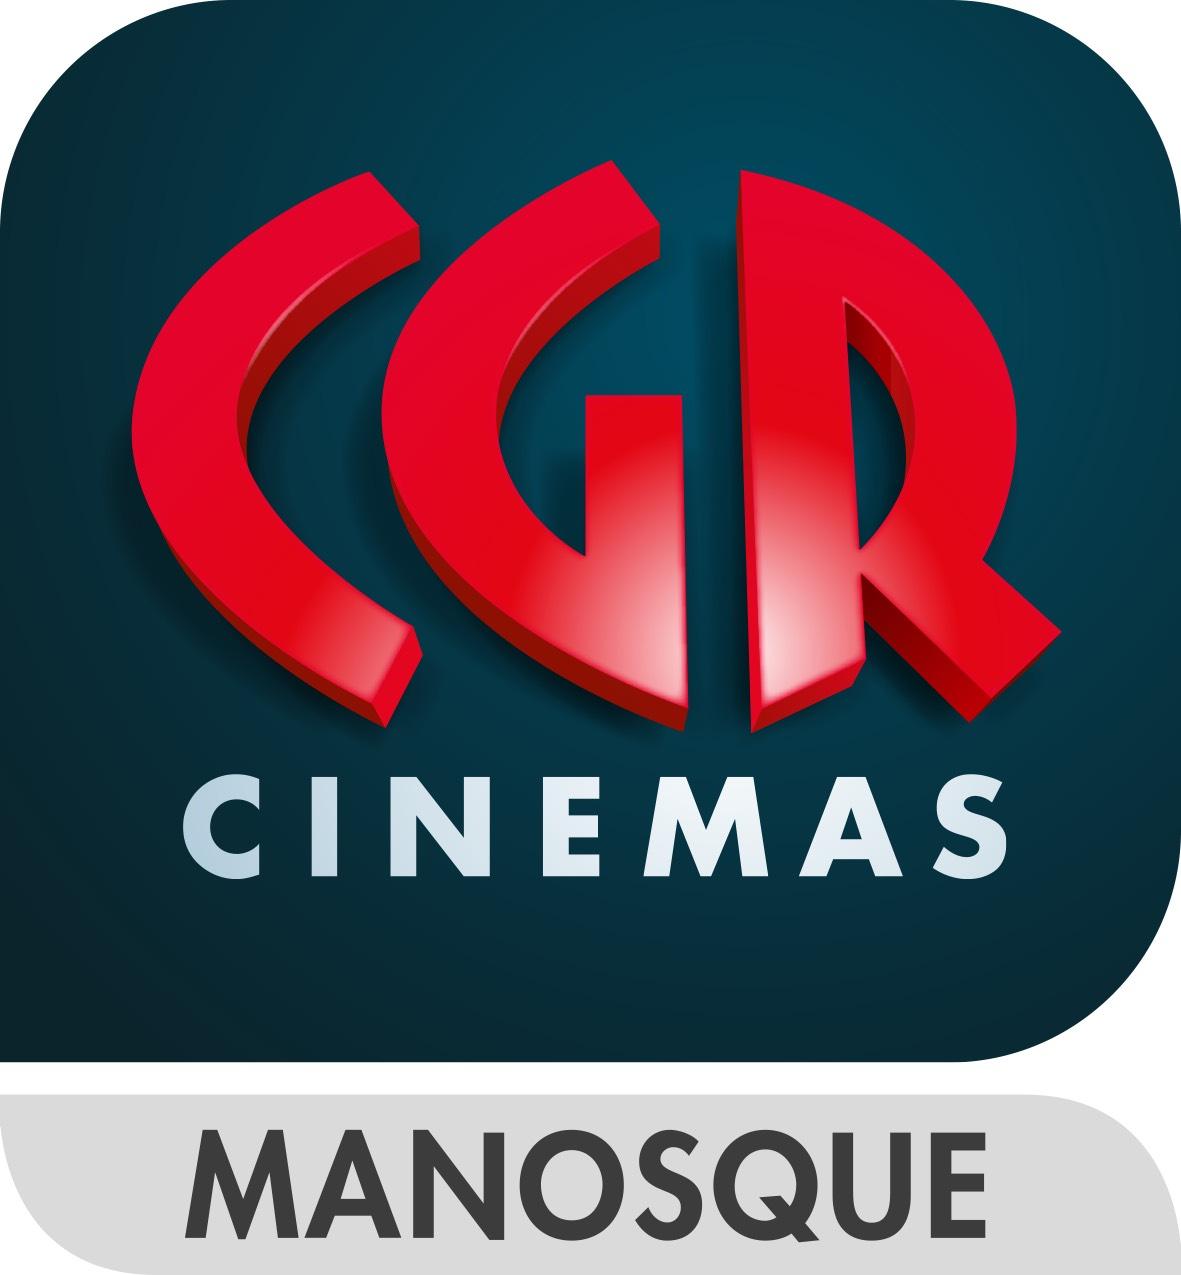 [15-18 Ans] Une place de Cinéma gratuite - Manosque (04)